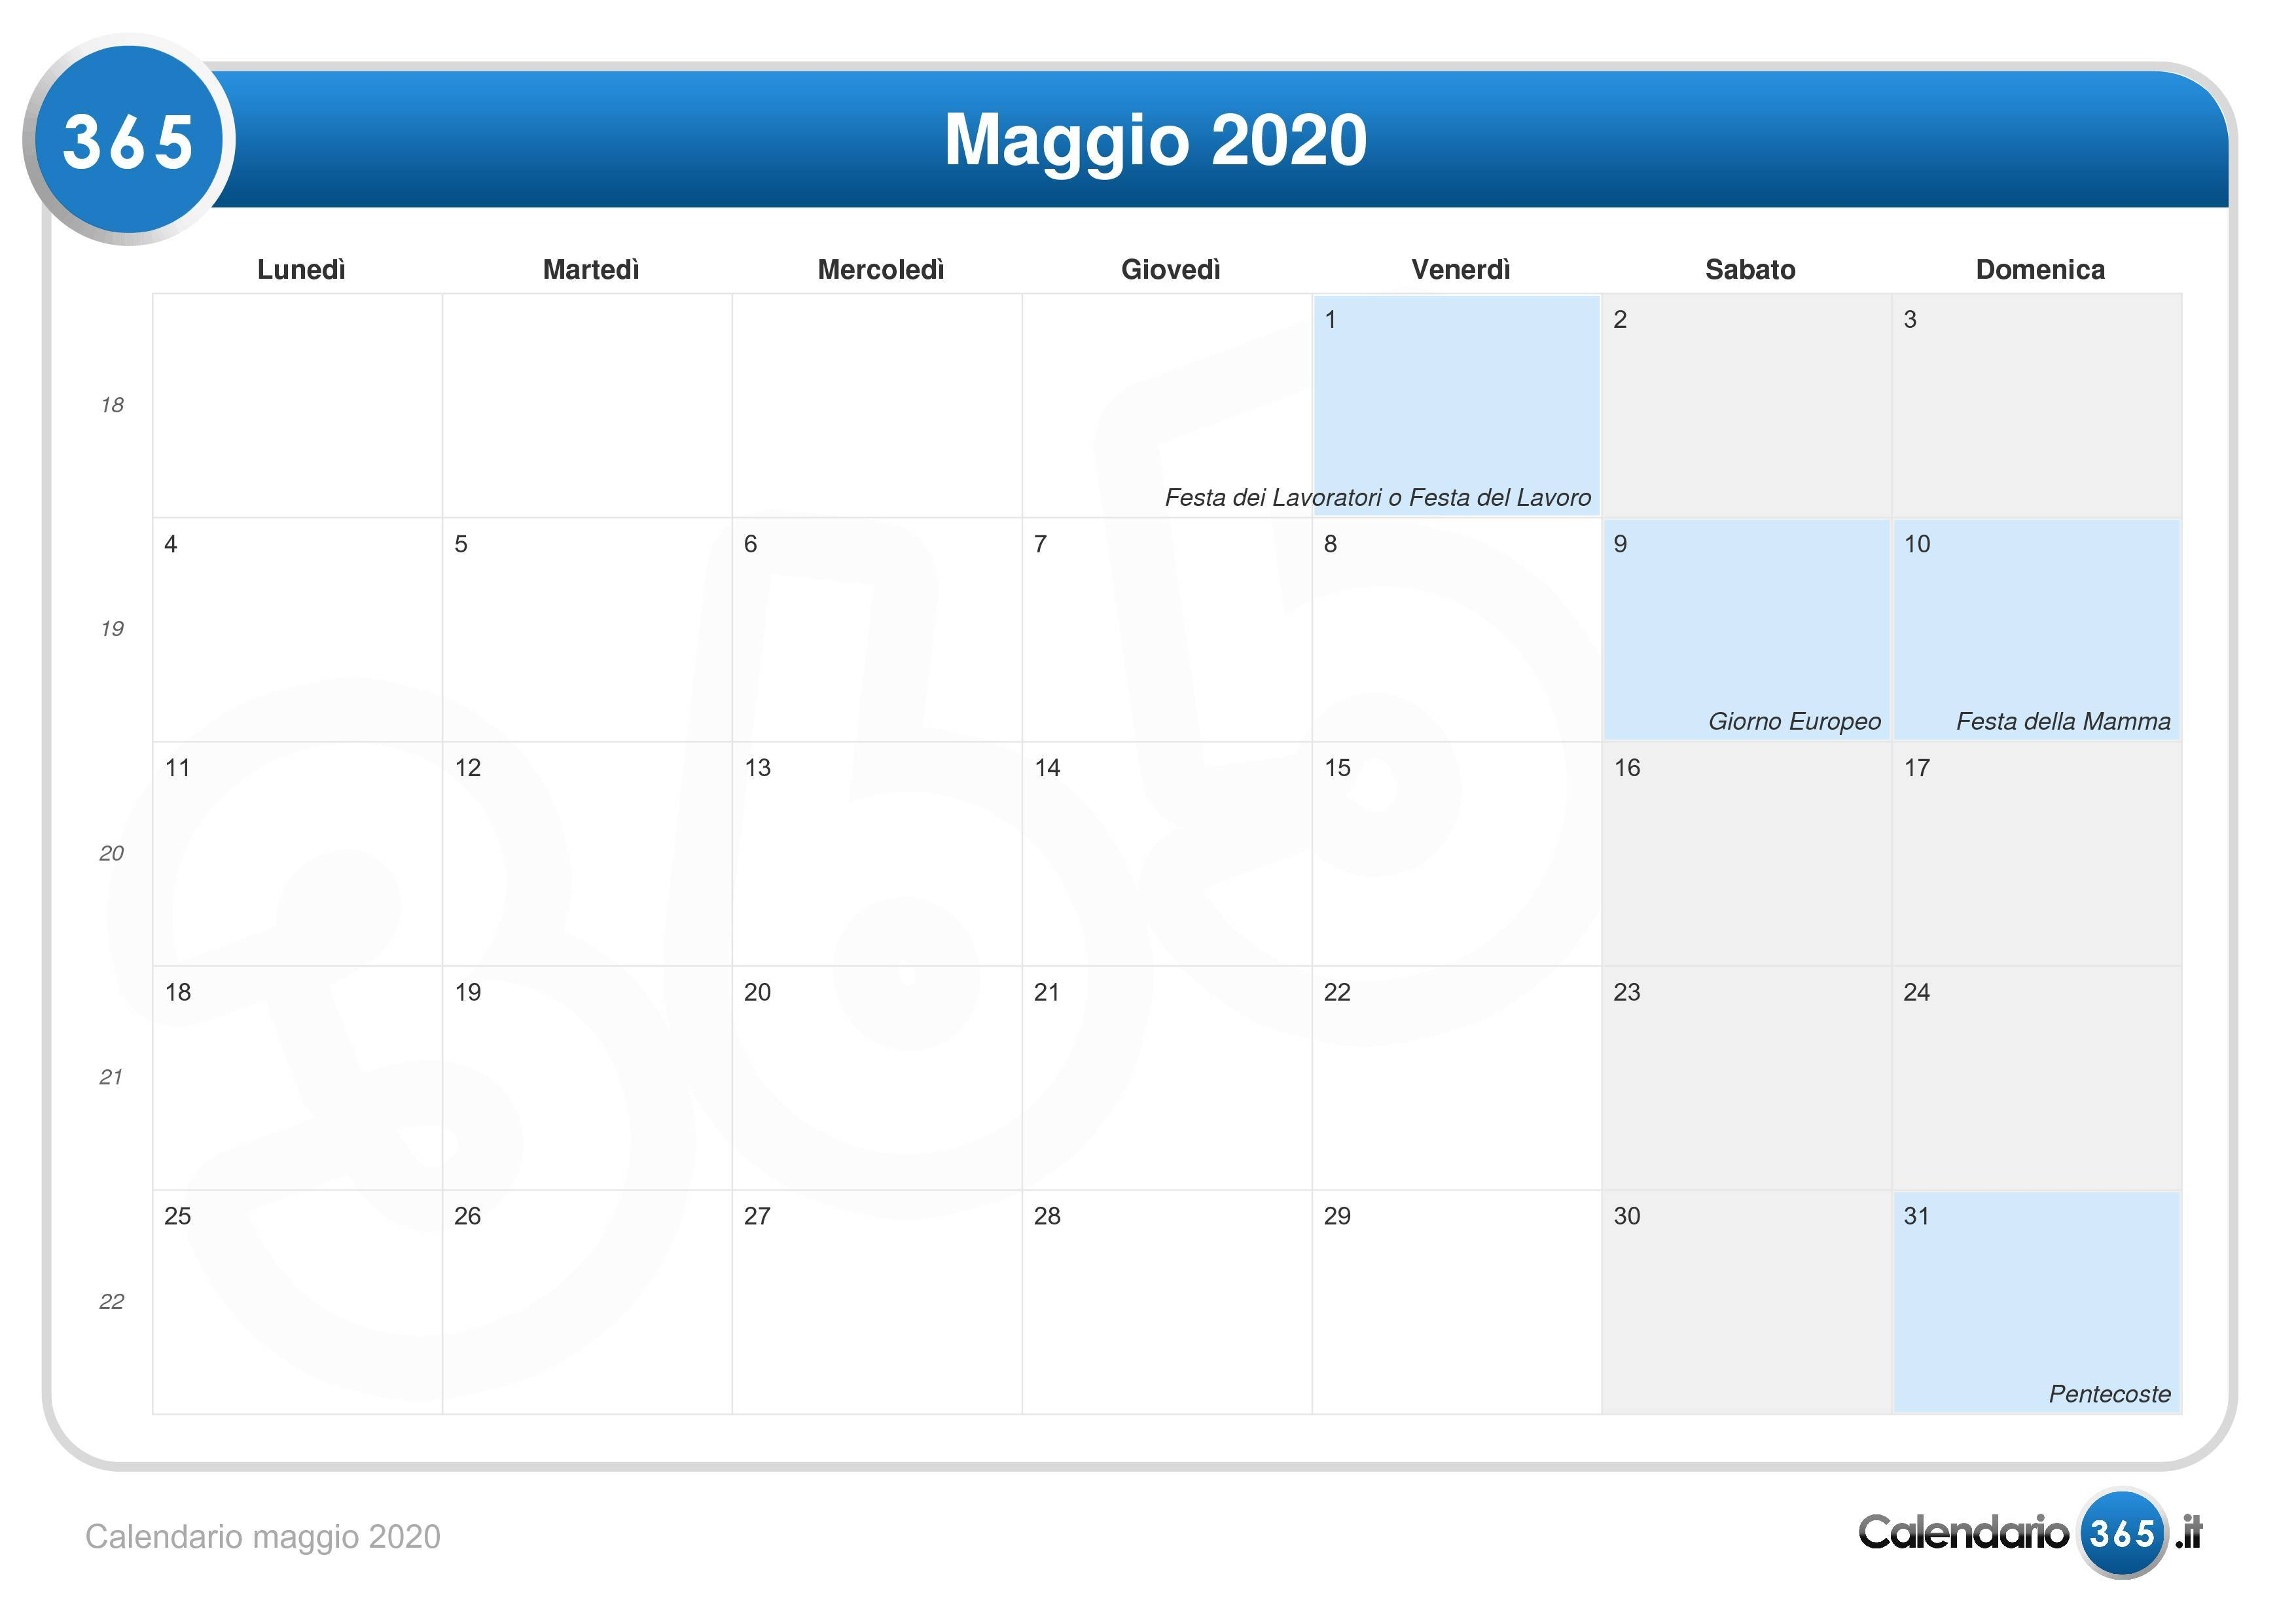 Calendario Maggio 2020 Da Stampare.Calendario Maggio 2020